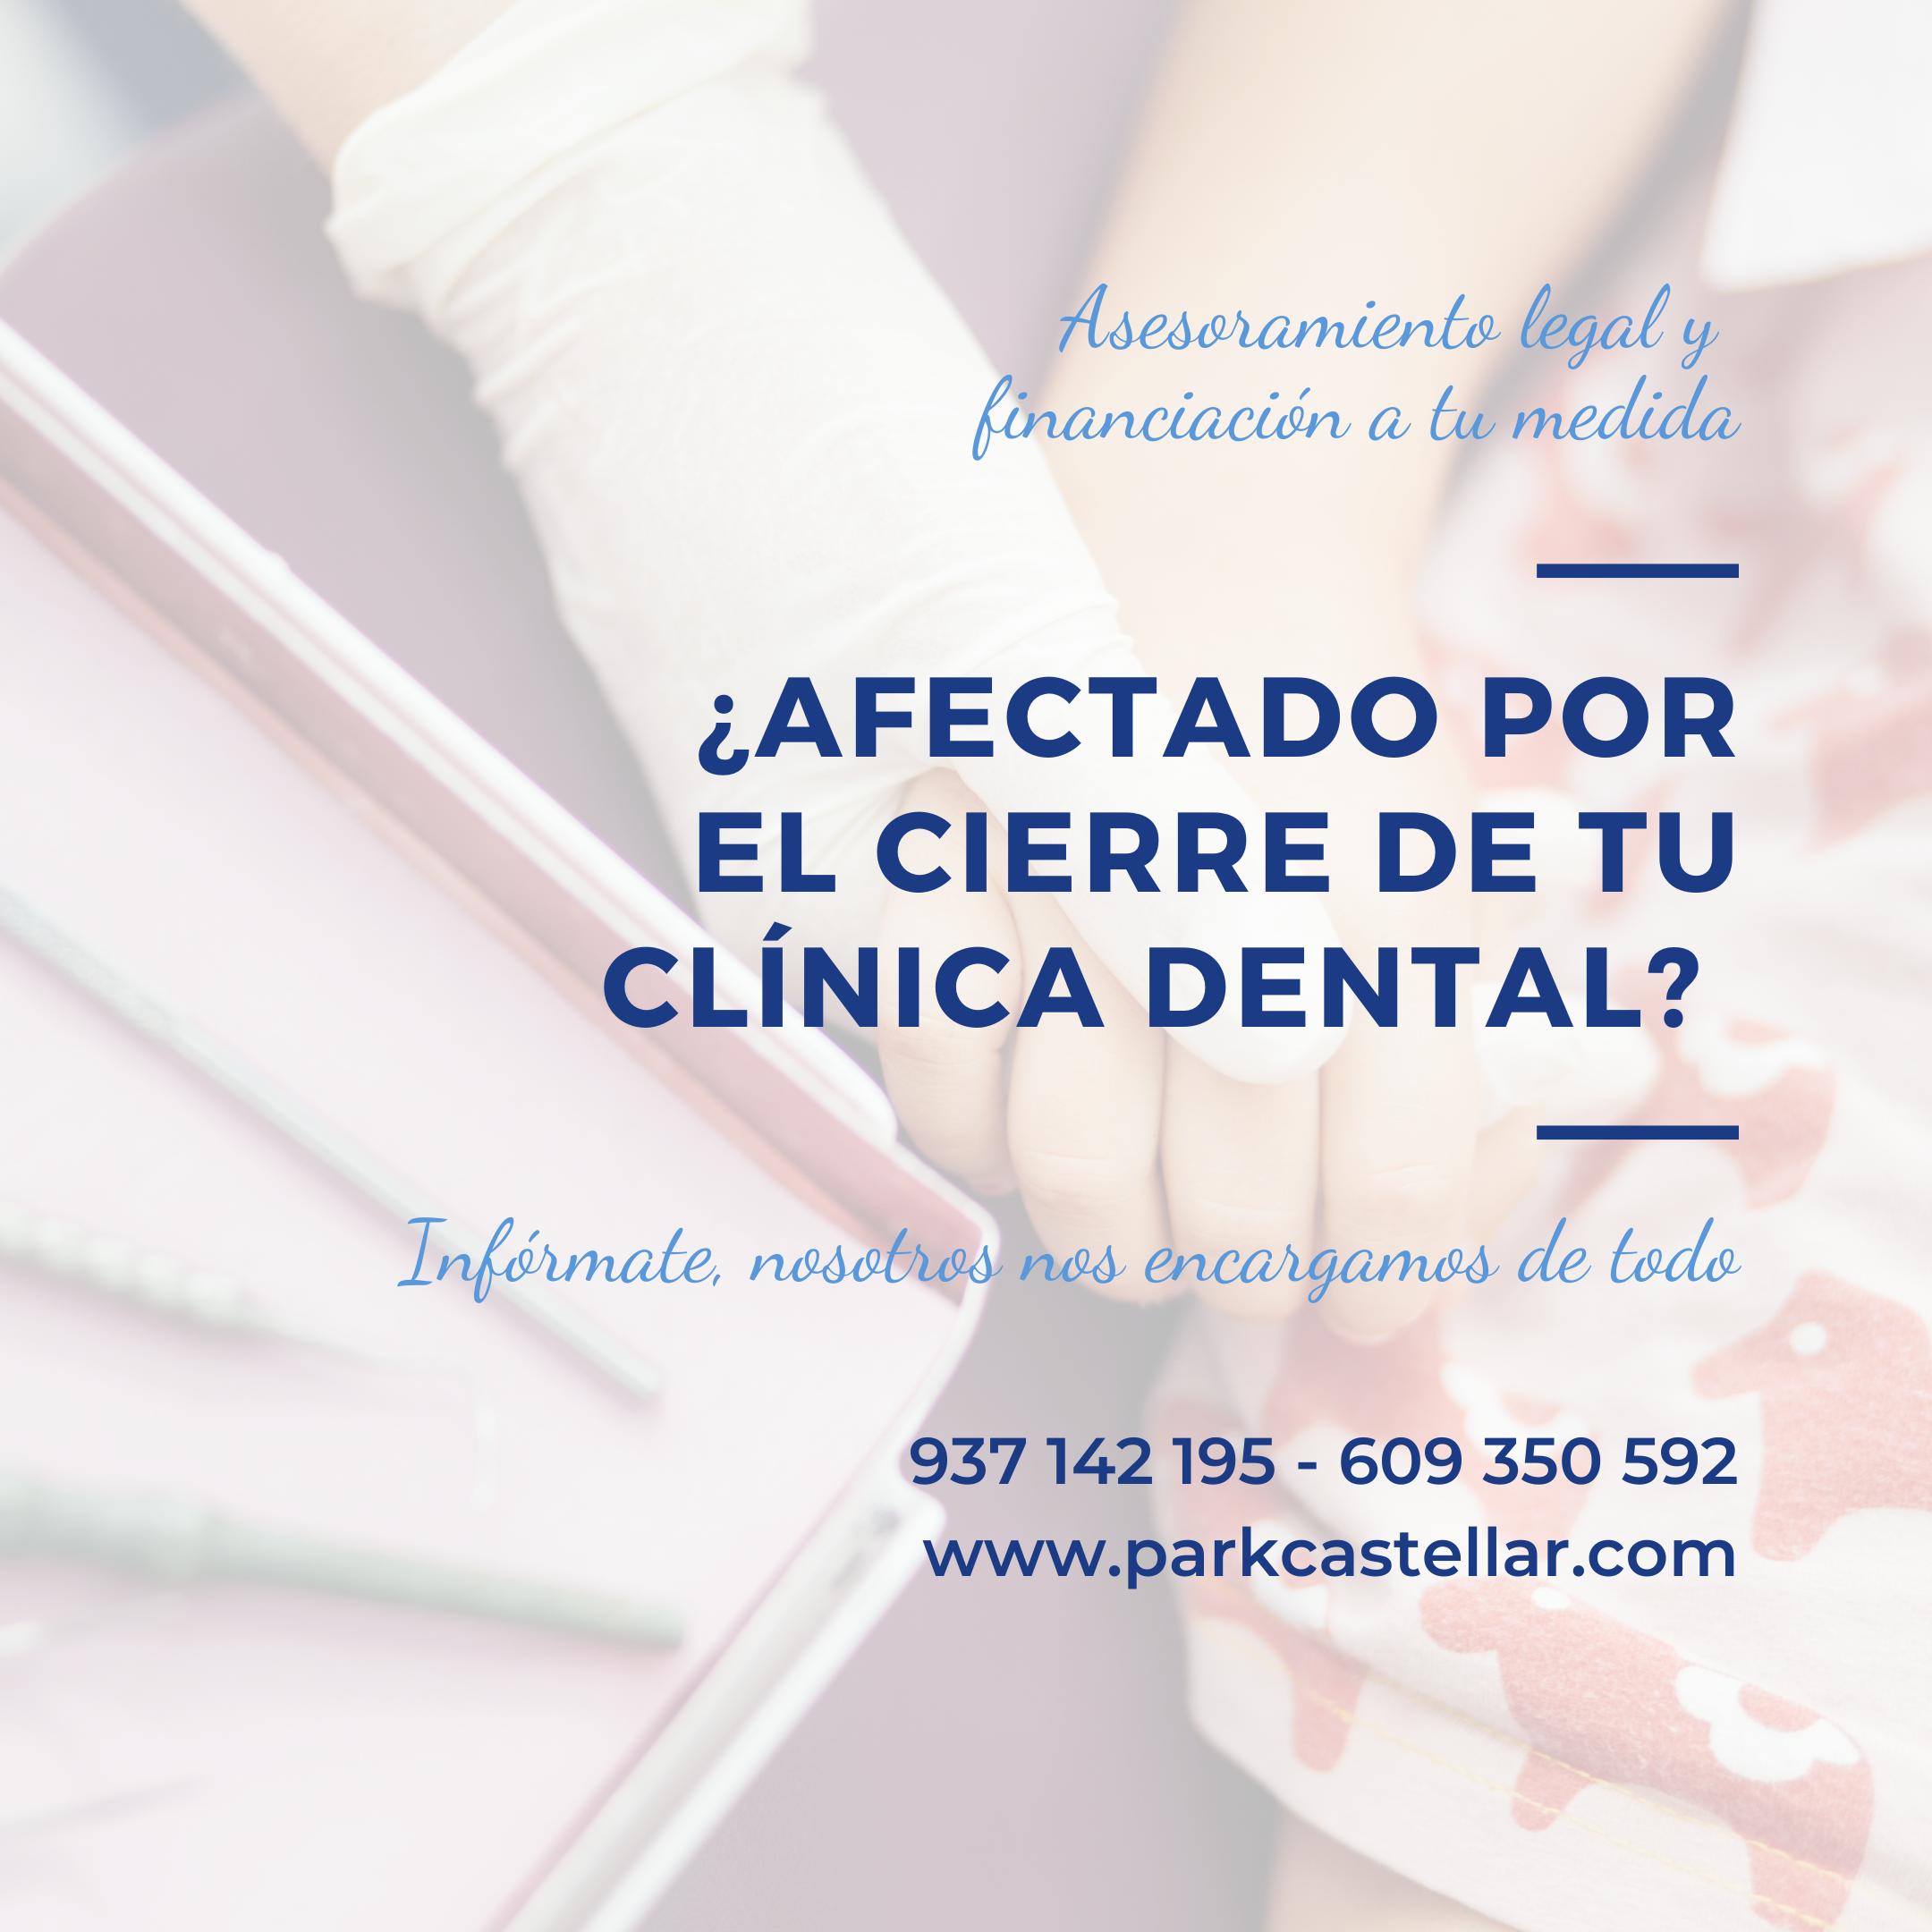 Afectado cierre de tu clínica dental